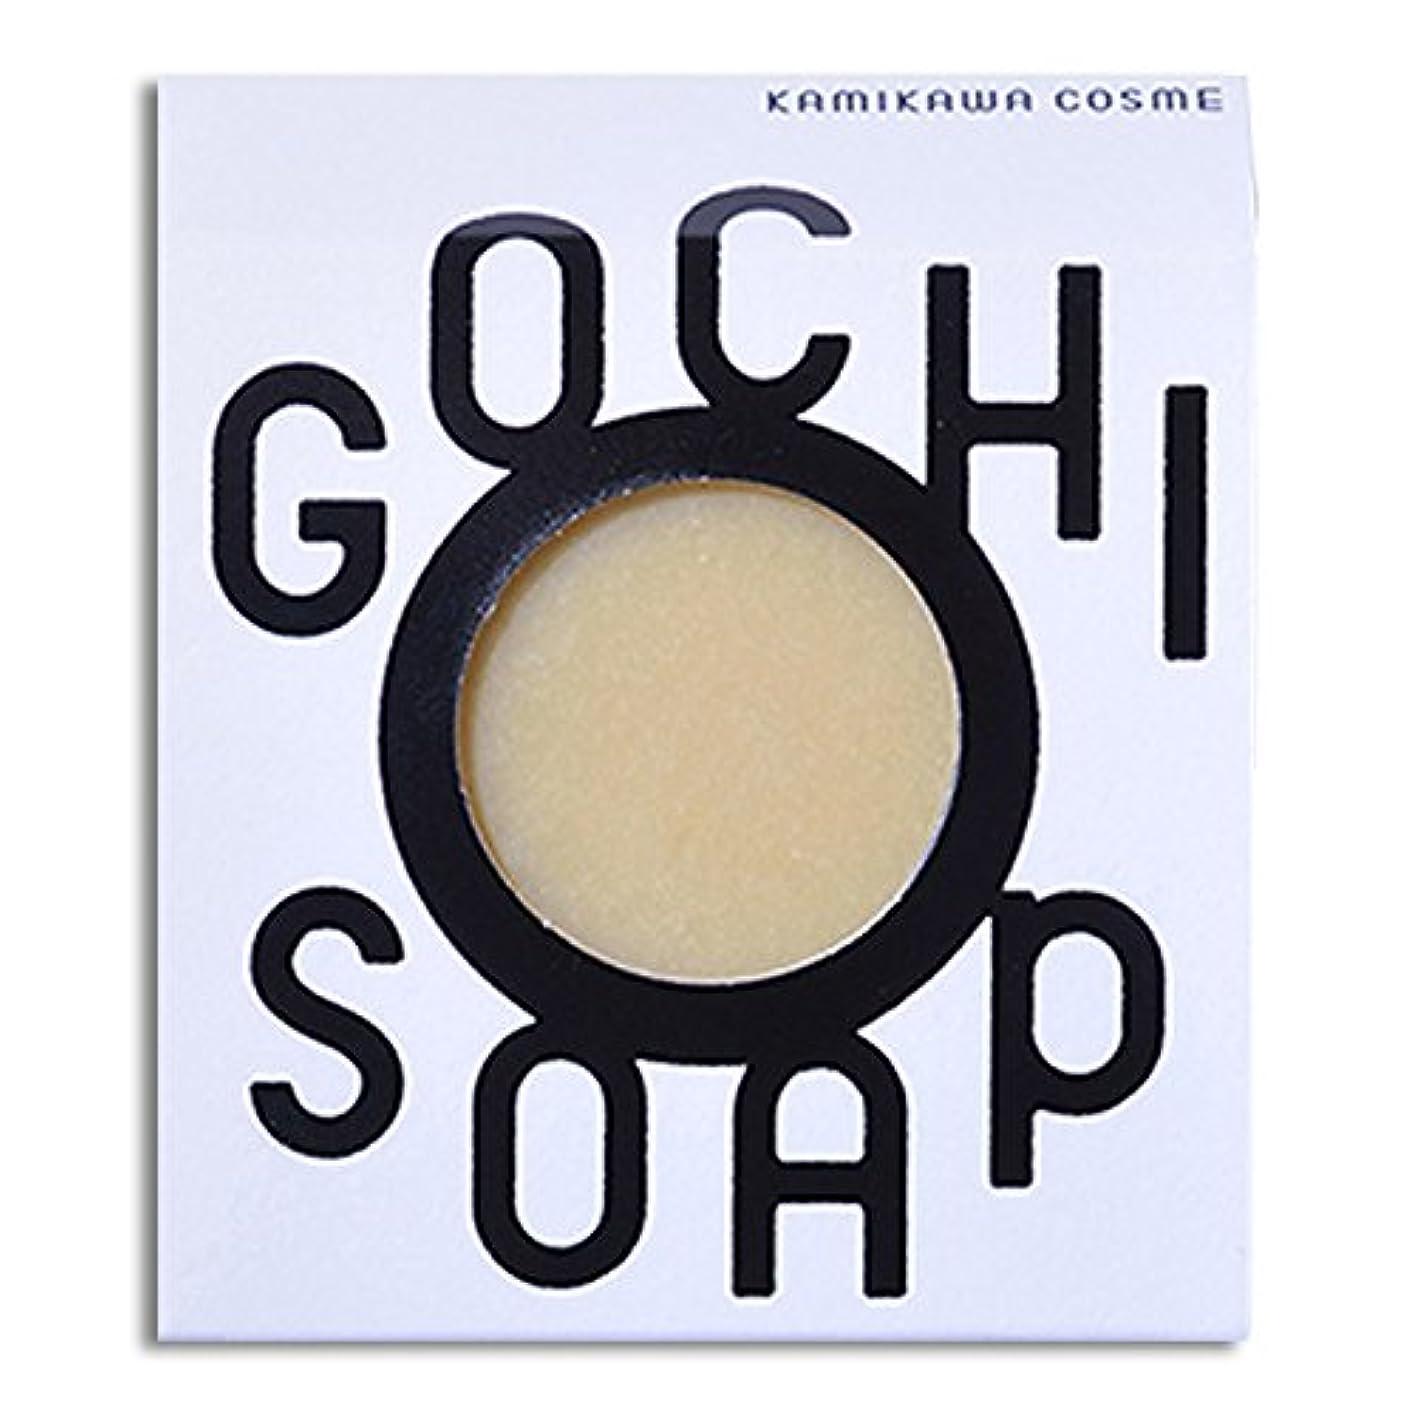 リークヒールロケット道北の素材を使用したコスメブランド GOCHI SOAP(山路養蜂園の蜂蜜ソープ?ふじくらますも果樹園のりんごソープ)各1個セット